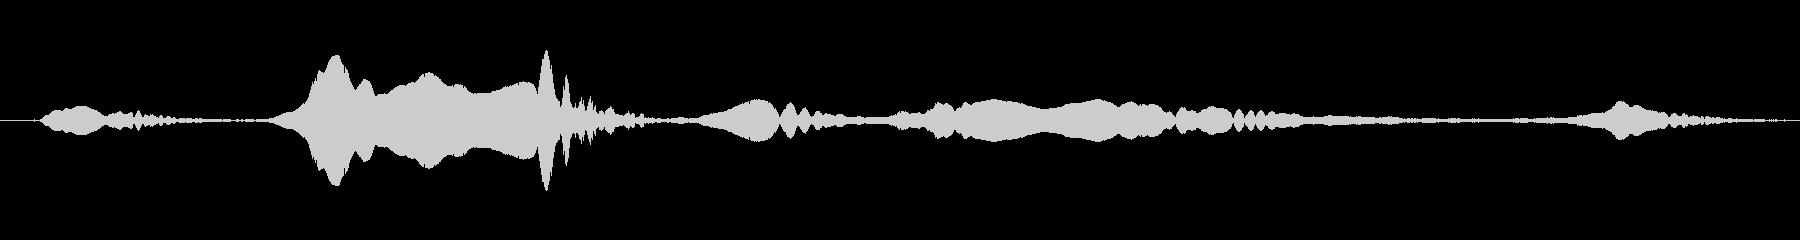 ドーベルマン犬のうめき声屋内の未再生の波形